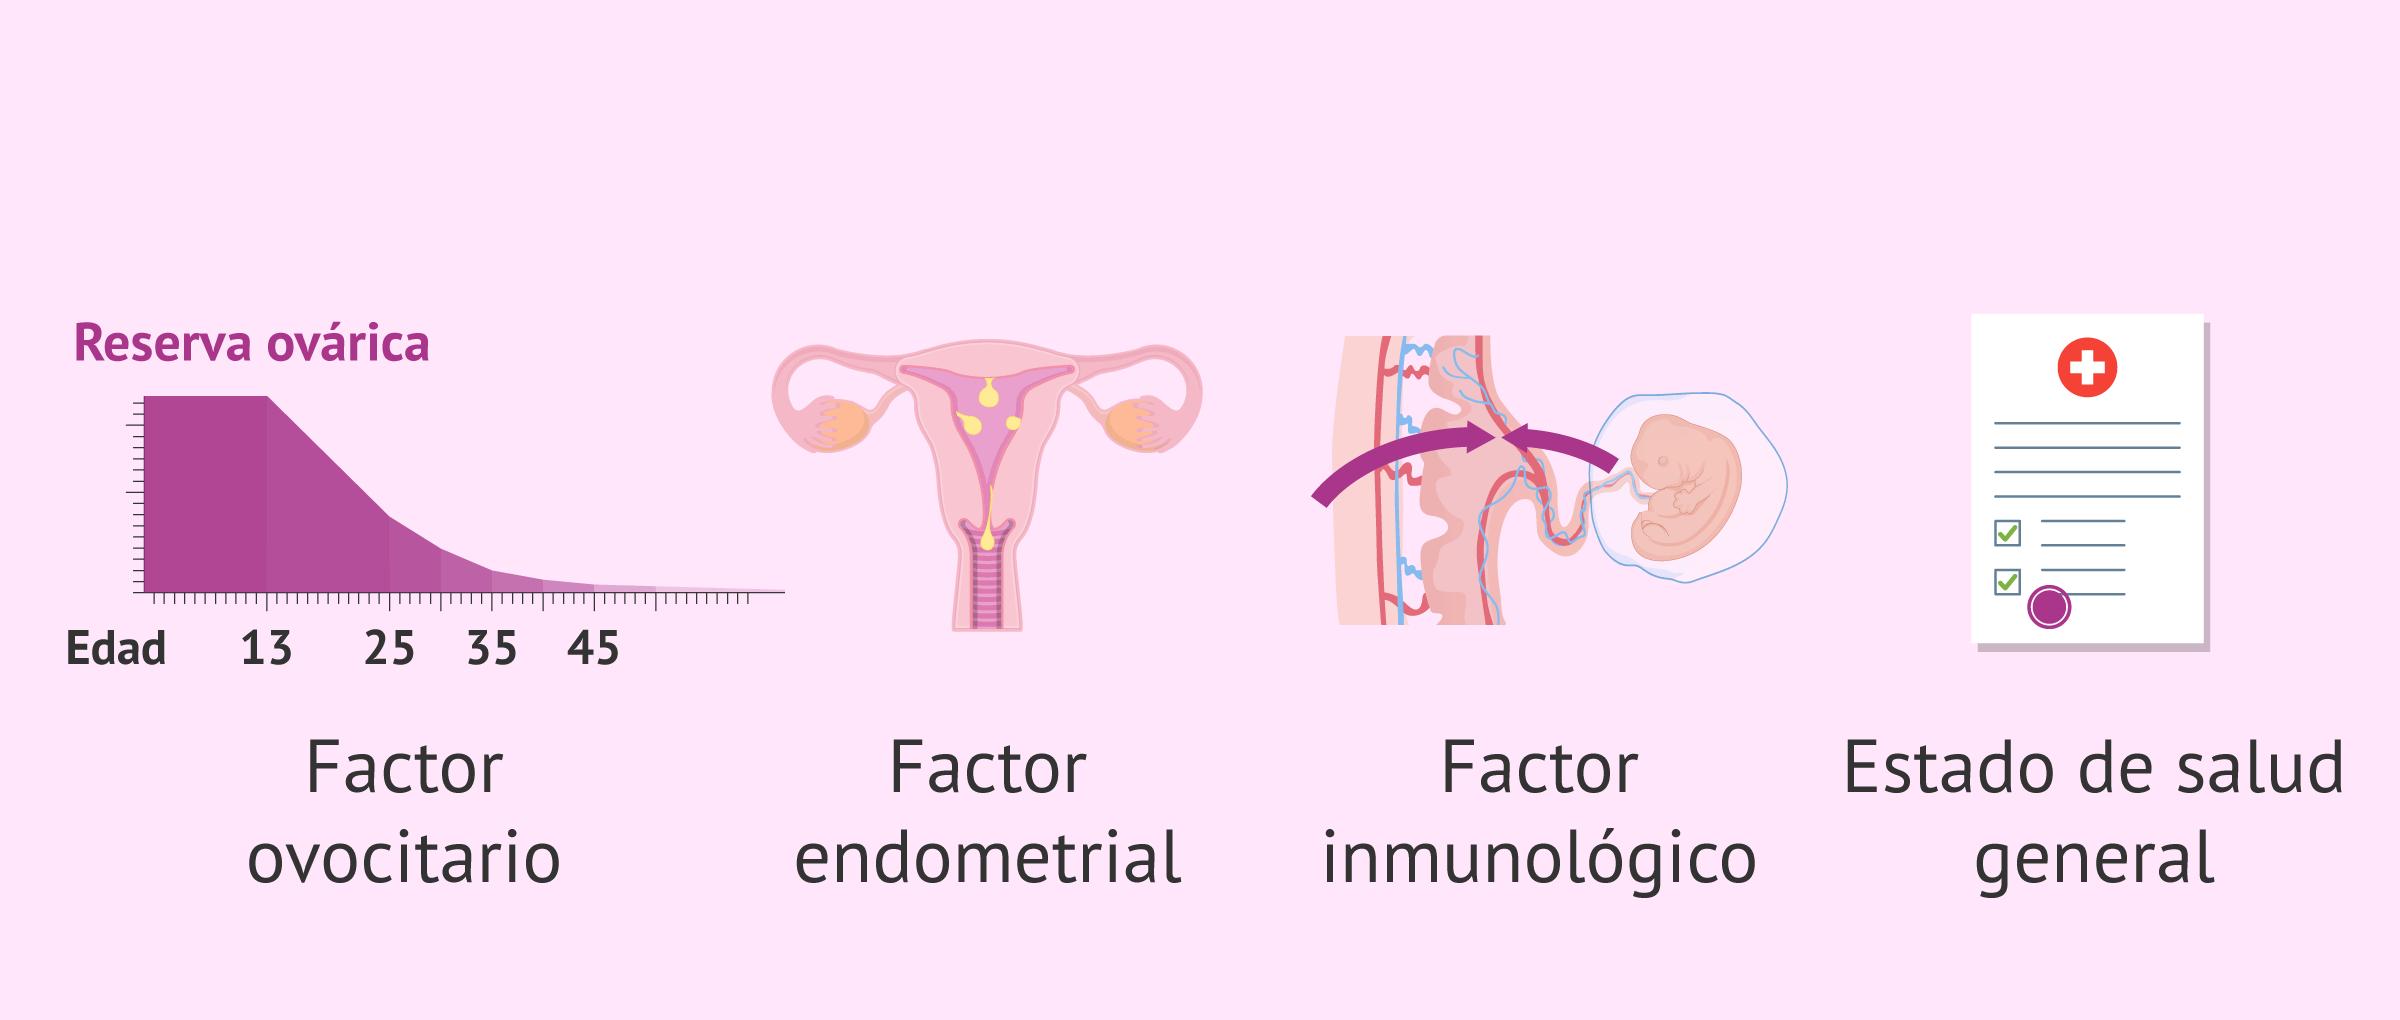 factores-relacionado-con-edad-y-fertilidad